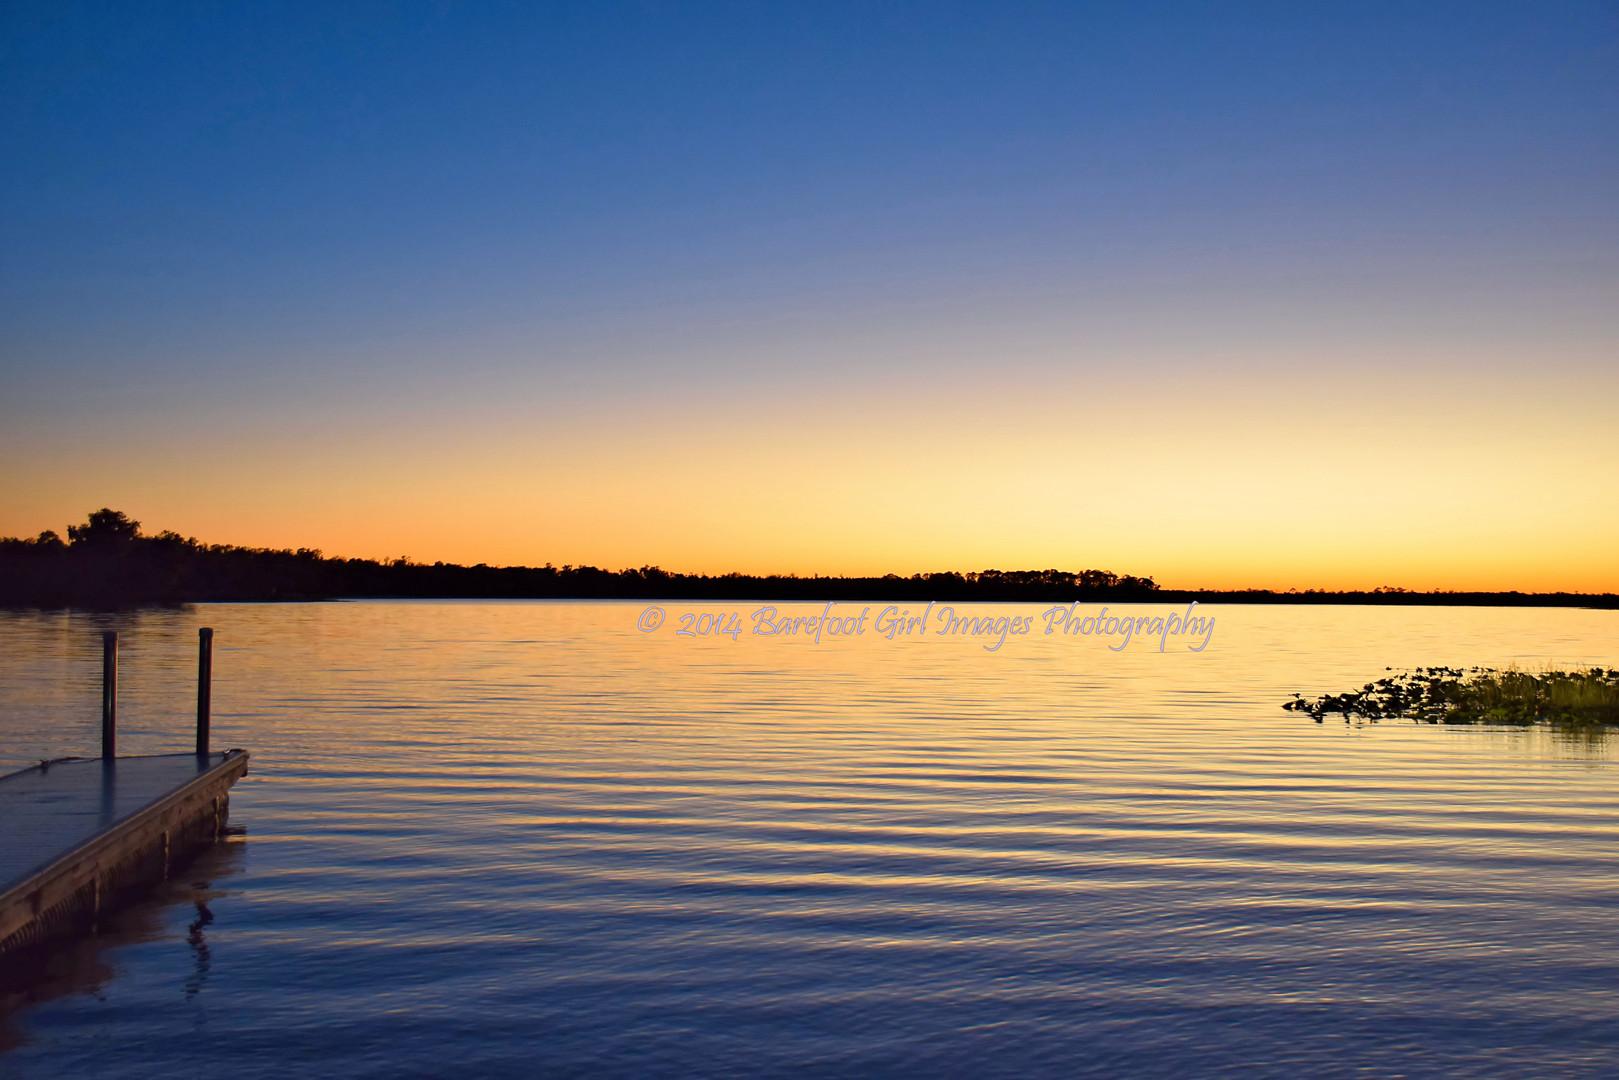 Lake Sunset 2 BGI 00720.jpg